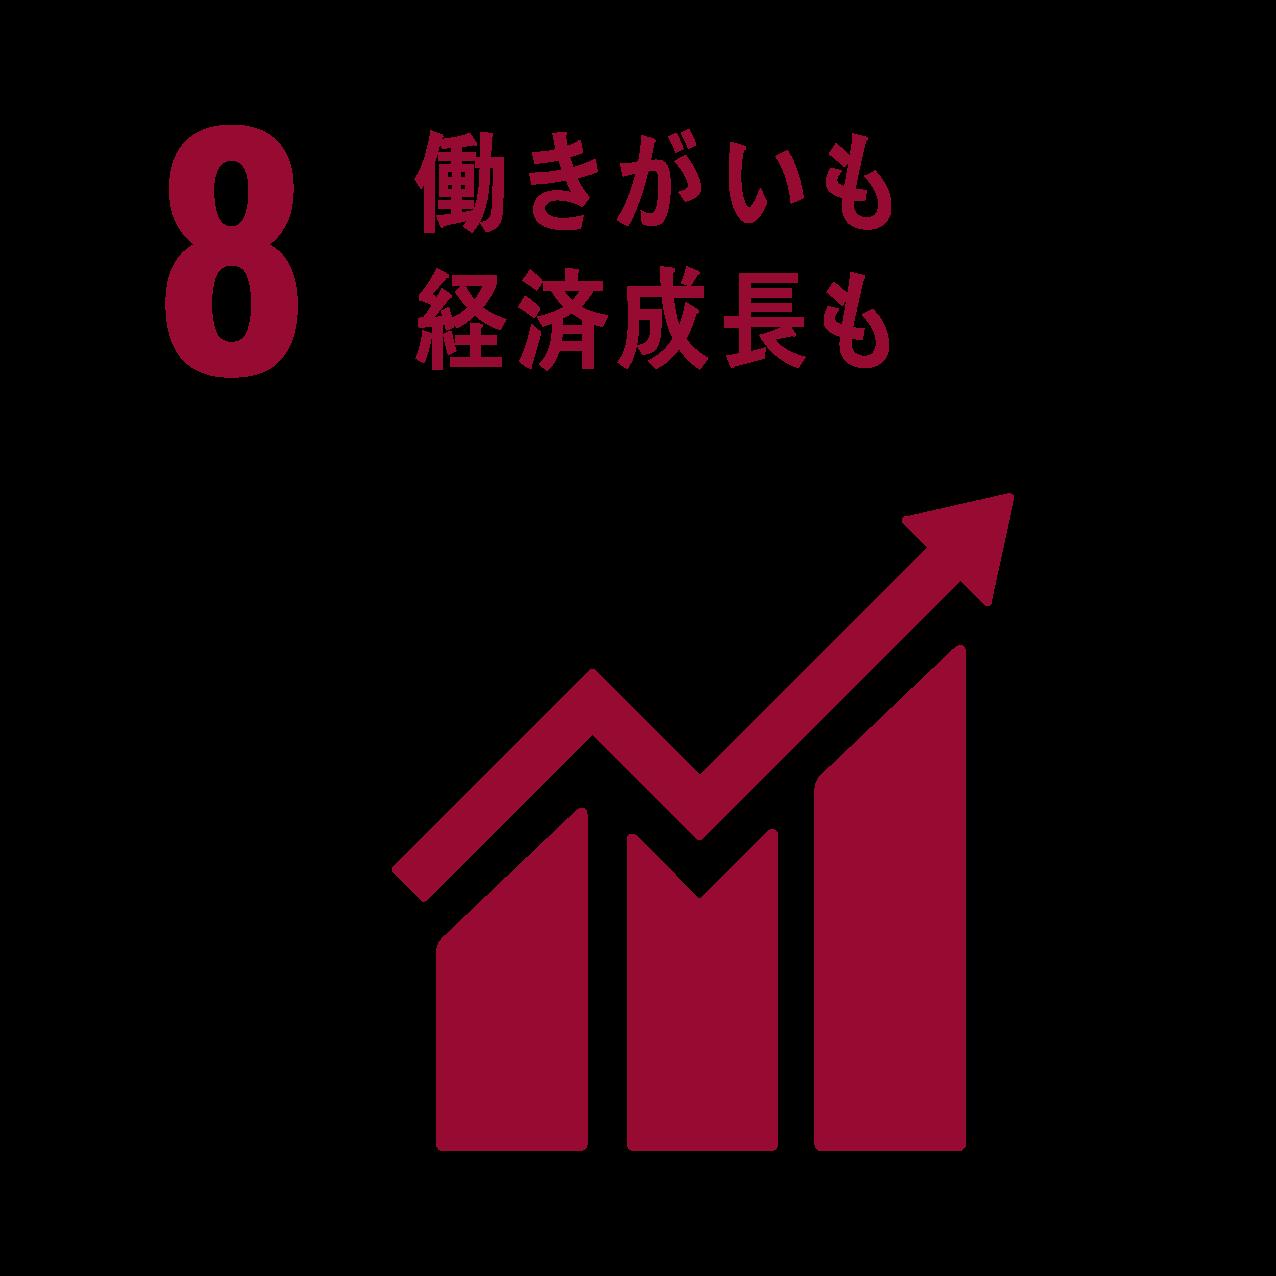 8働きがいも経済経済成長も